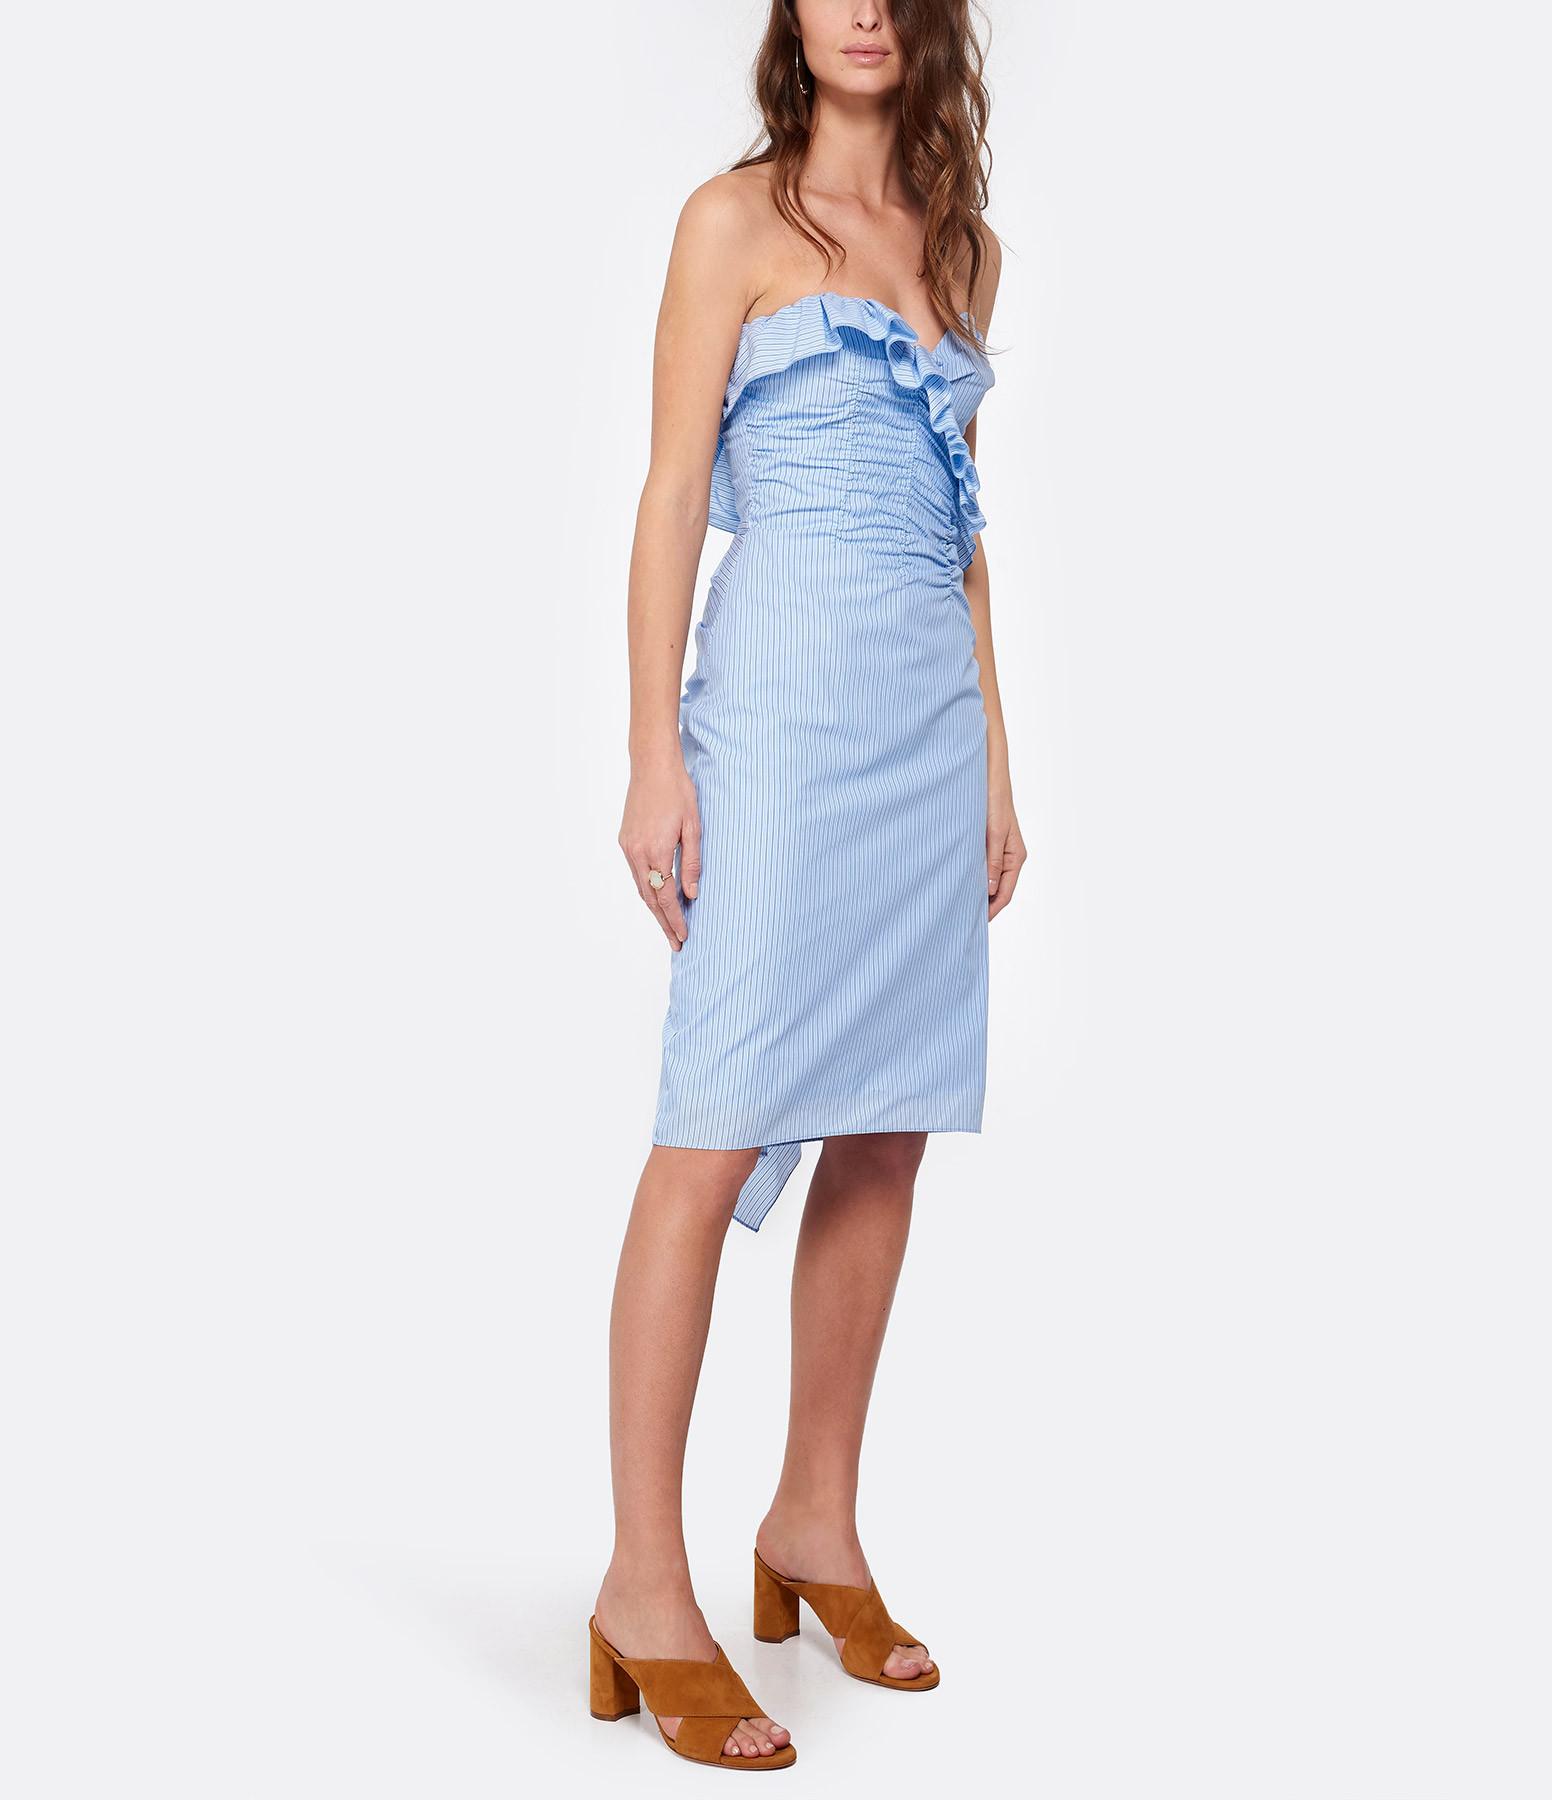 ALEXA CHUNG - Robe Bustier Rayures Bleu